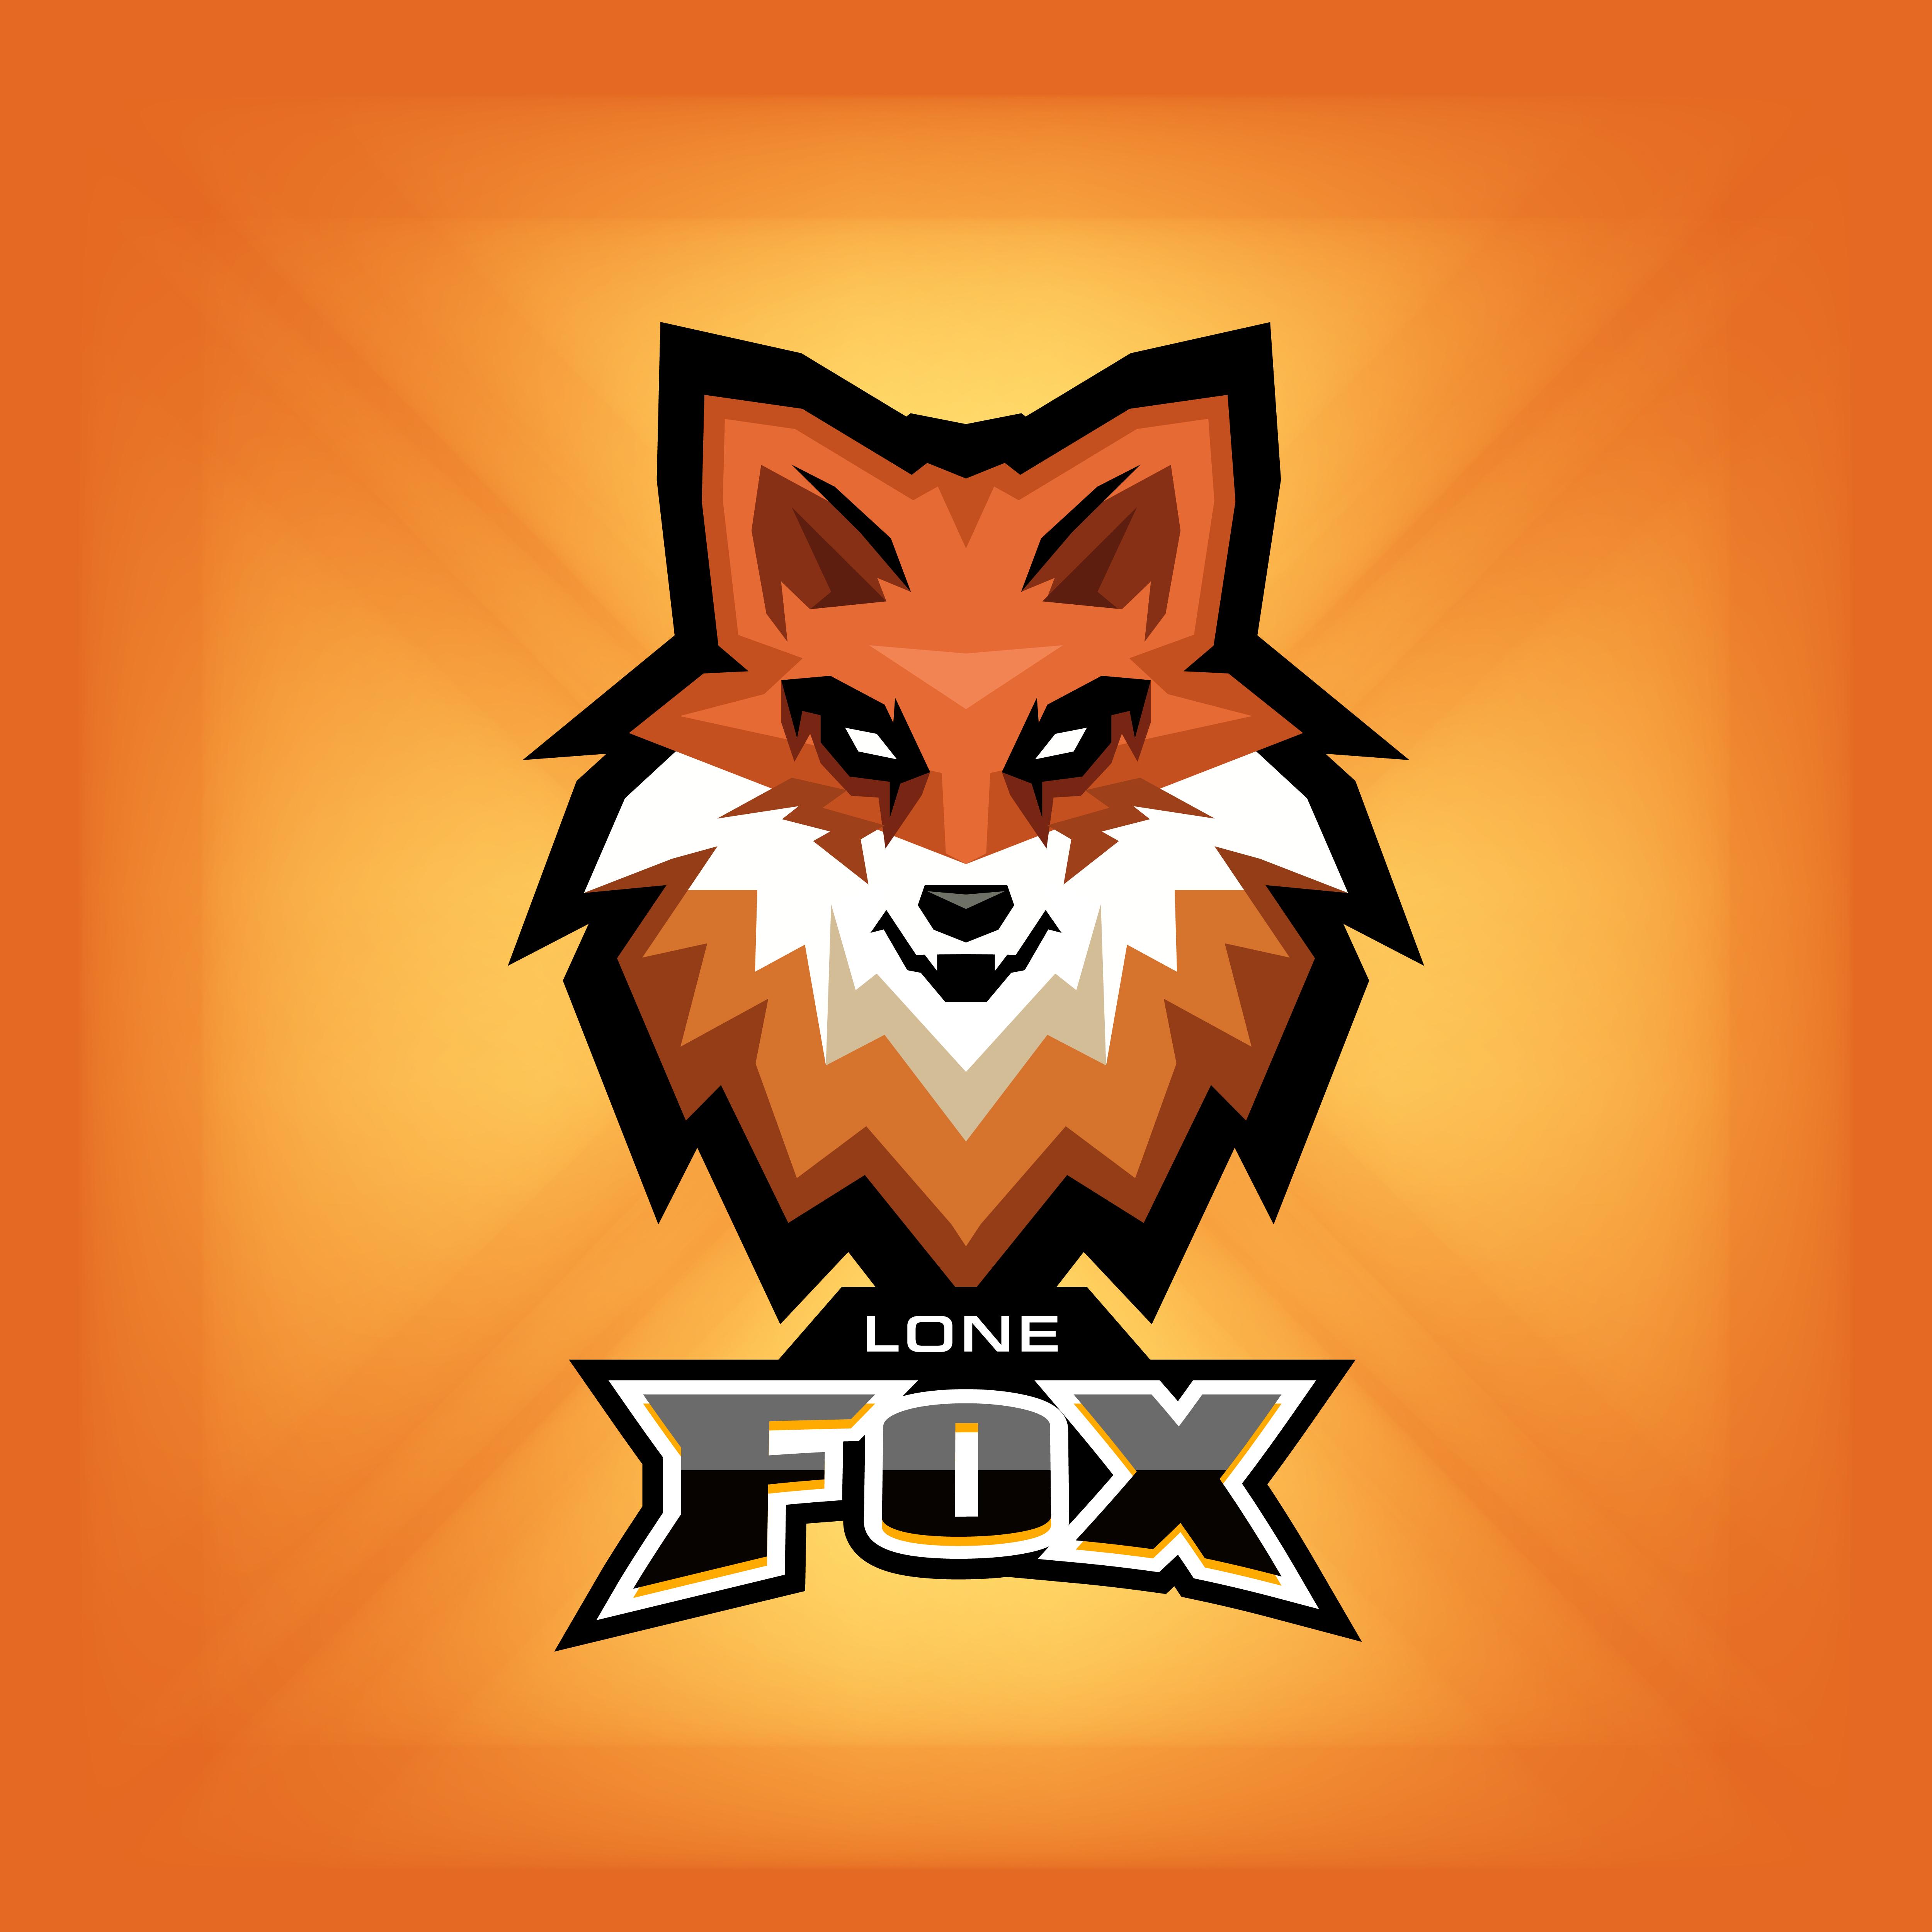 Fox Head Logo Download Free Vectors Clipart Graphics Vector Art